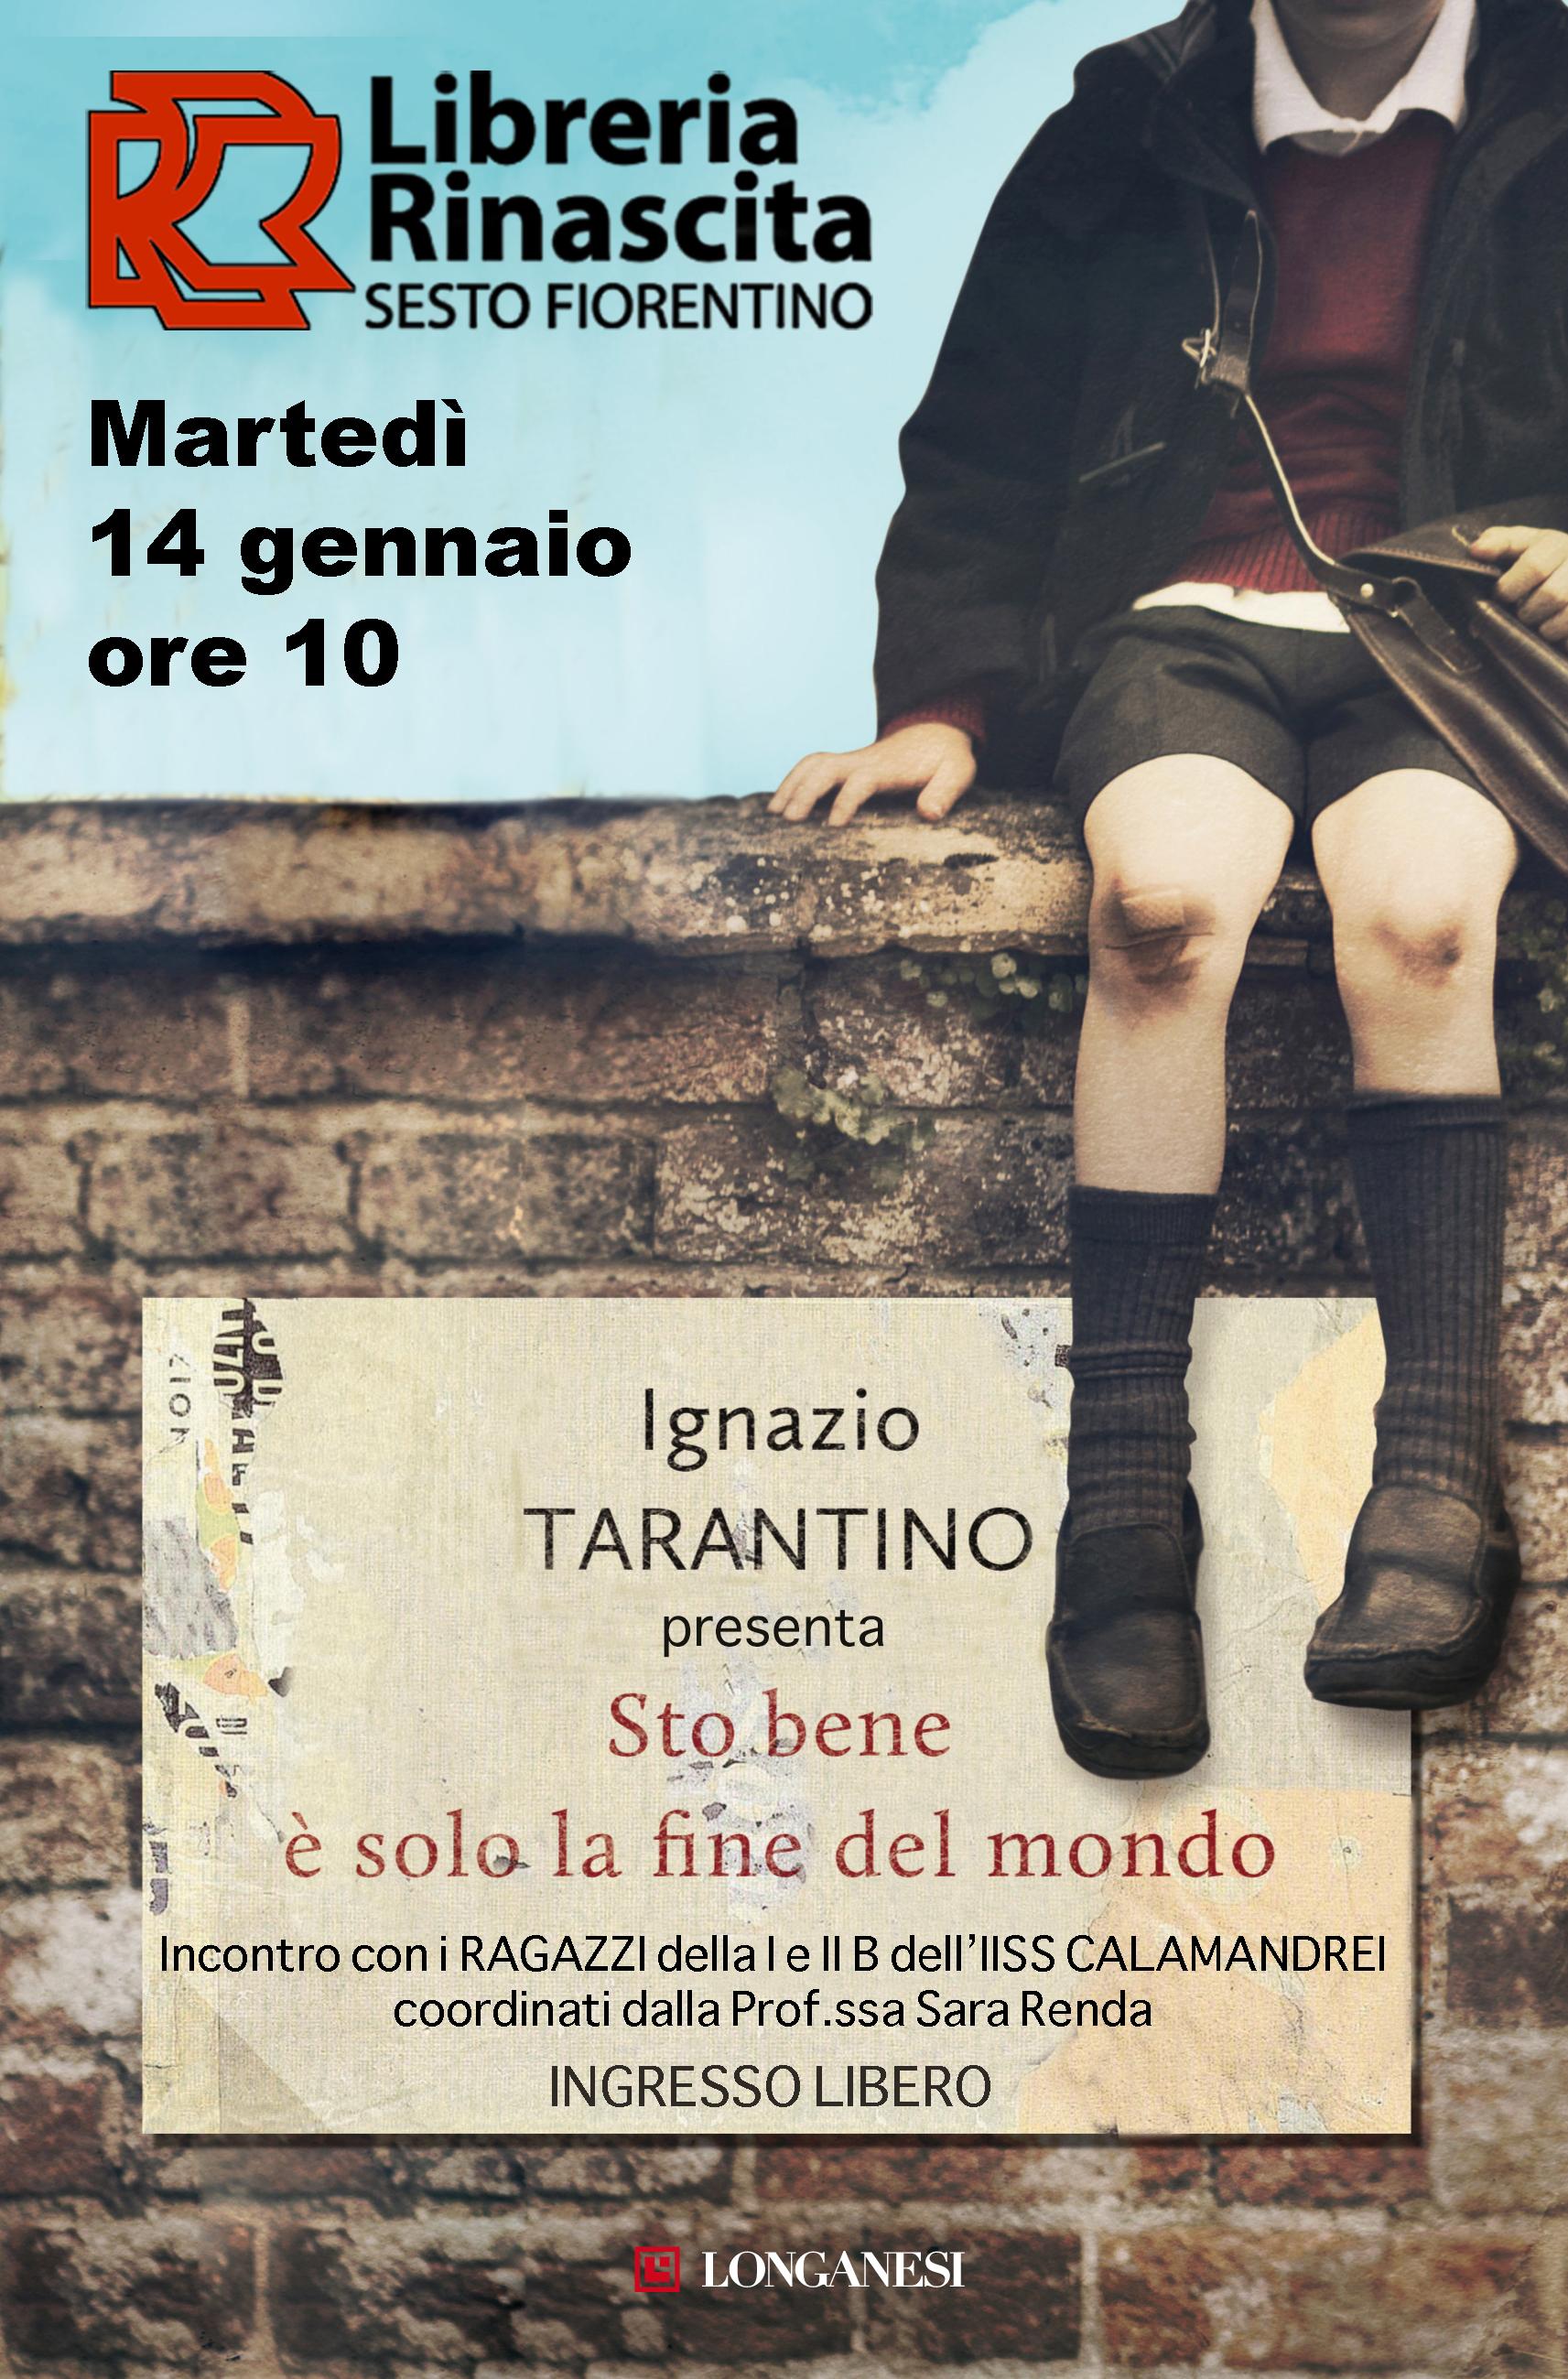 """Ignazio Taratino presenta """"Sto bene, è solo la fine del mondo"""" Libreria Rinascita Sesto Fiorentino"""